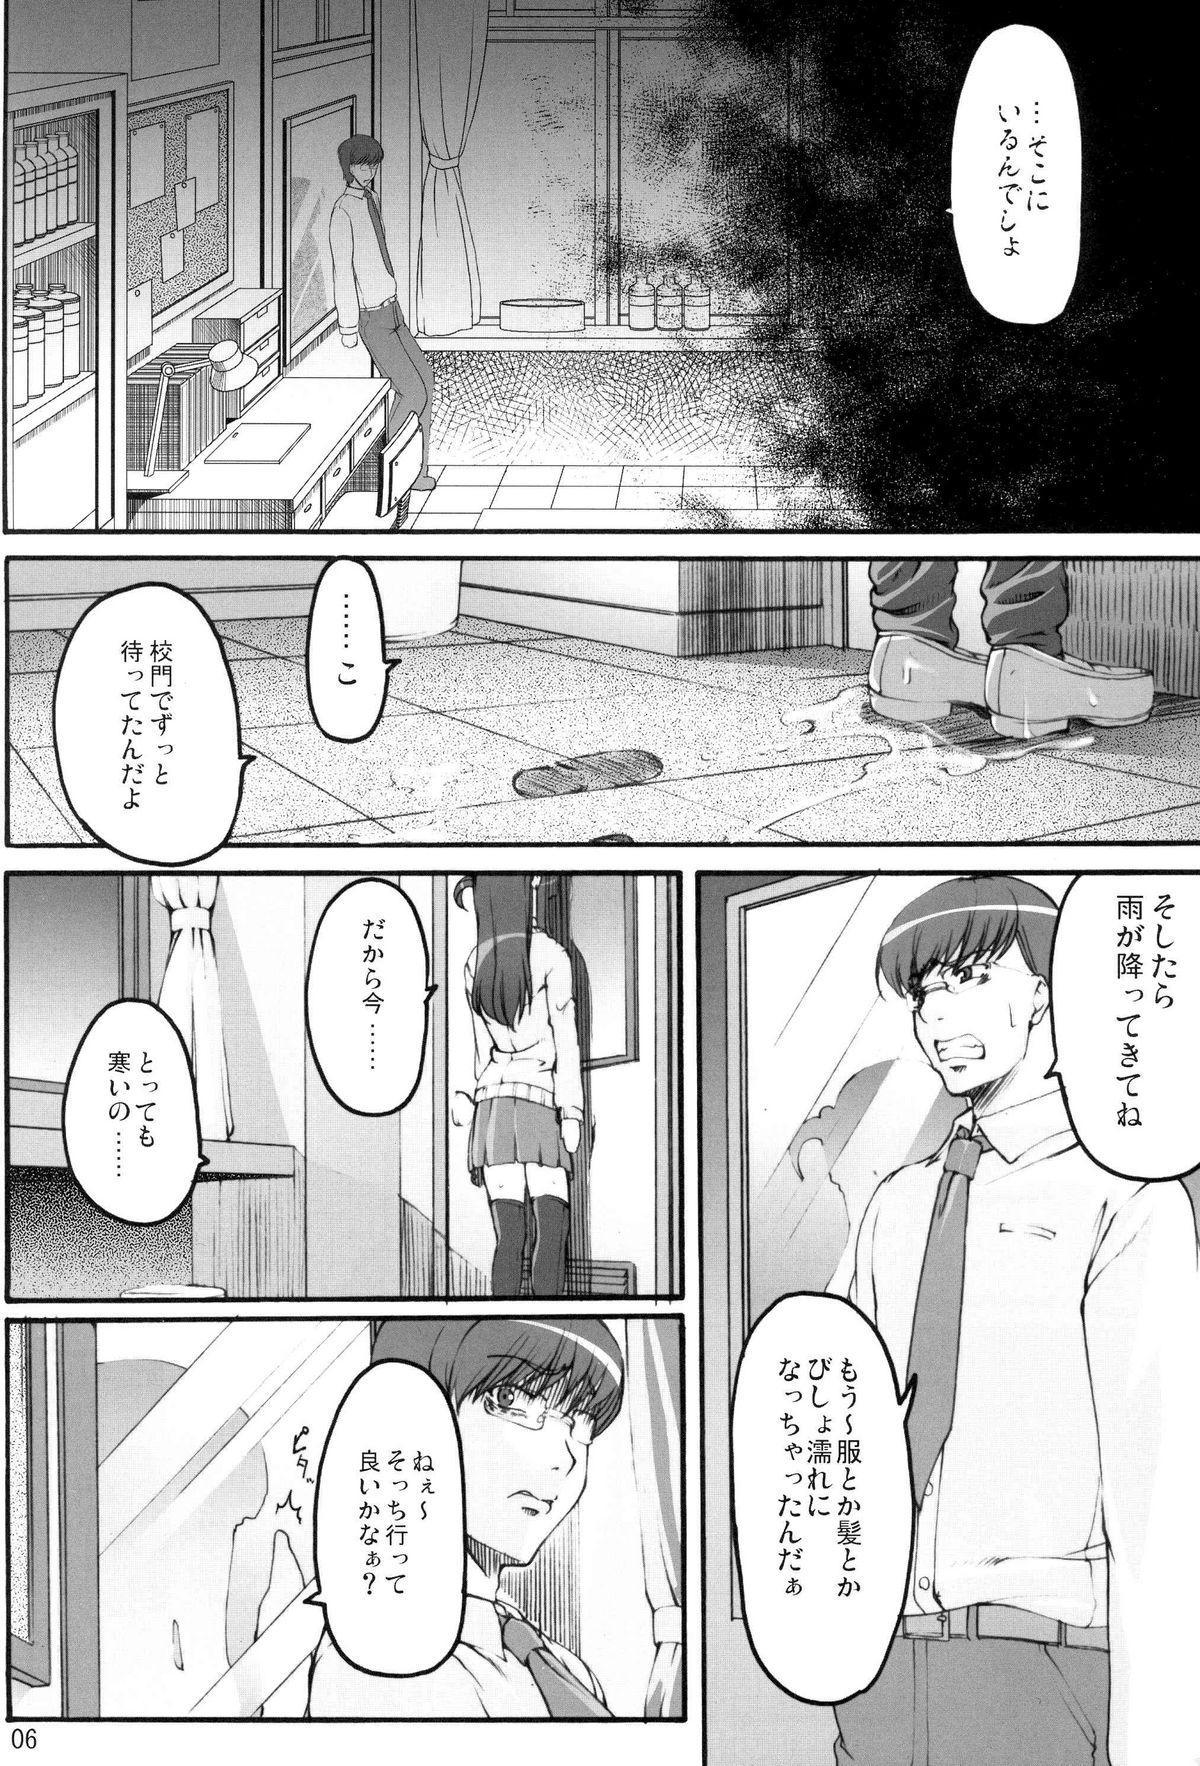 Tsukasa Blog 4